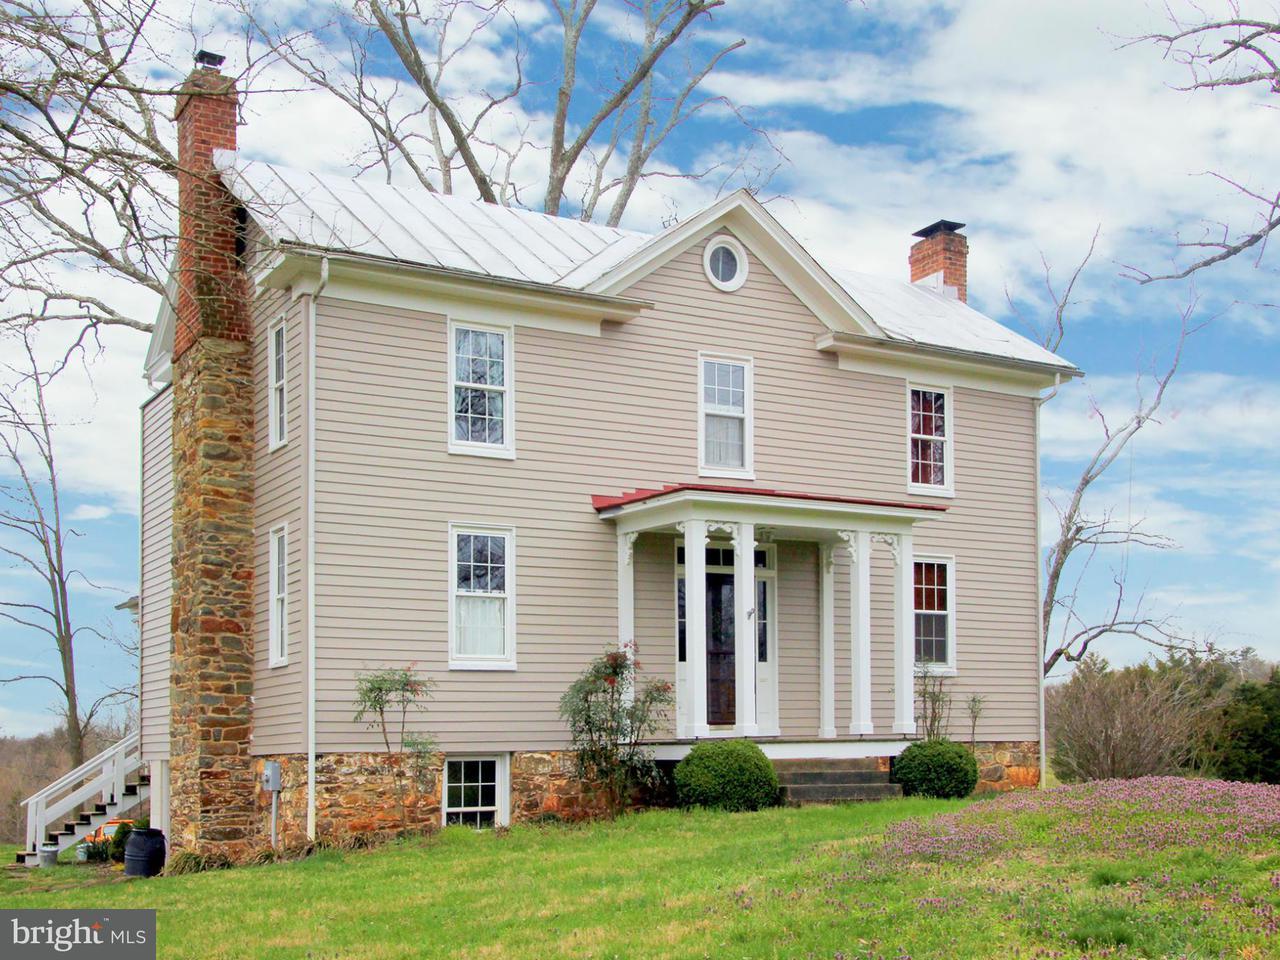 Farm / Hof für Verkauf beim 3374 TWYMANS MILL Road 3374 TWYMANS MILL Road Orange, Virginia 22960 Vereinigte Staaten